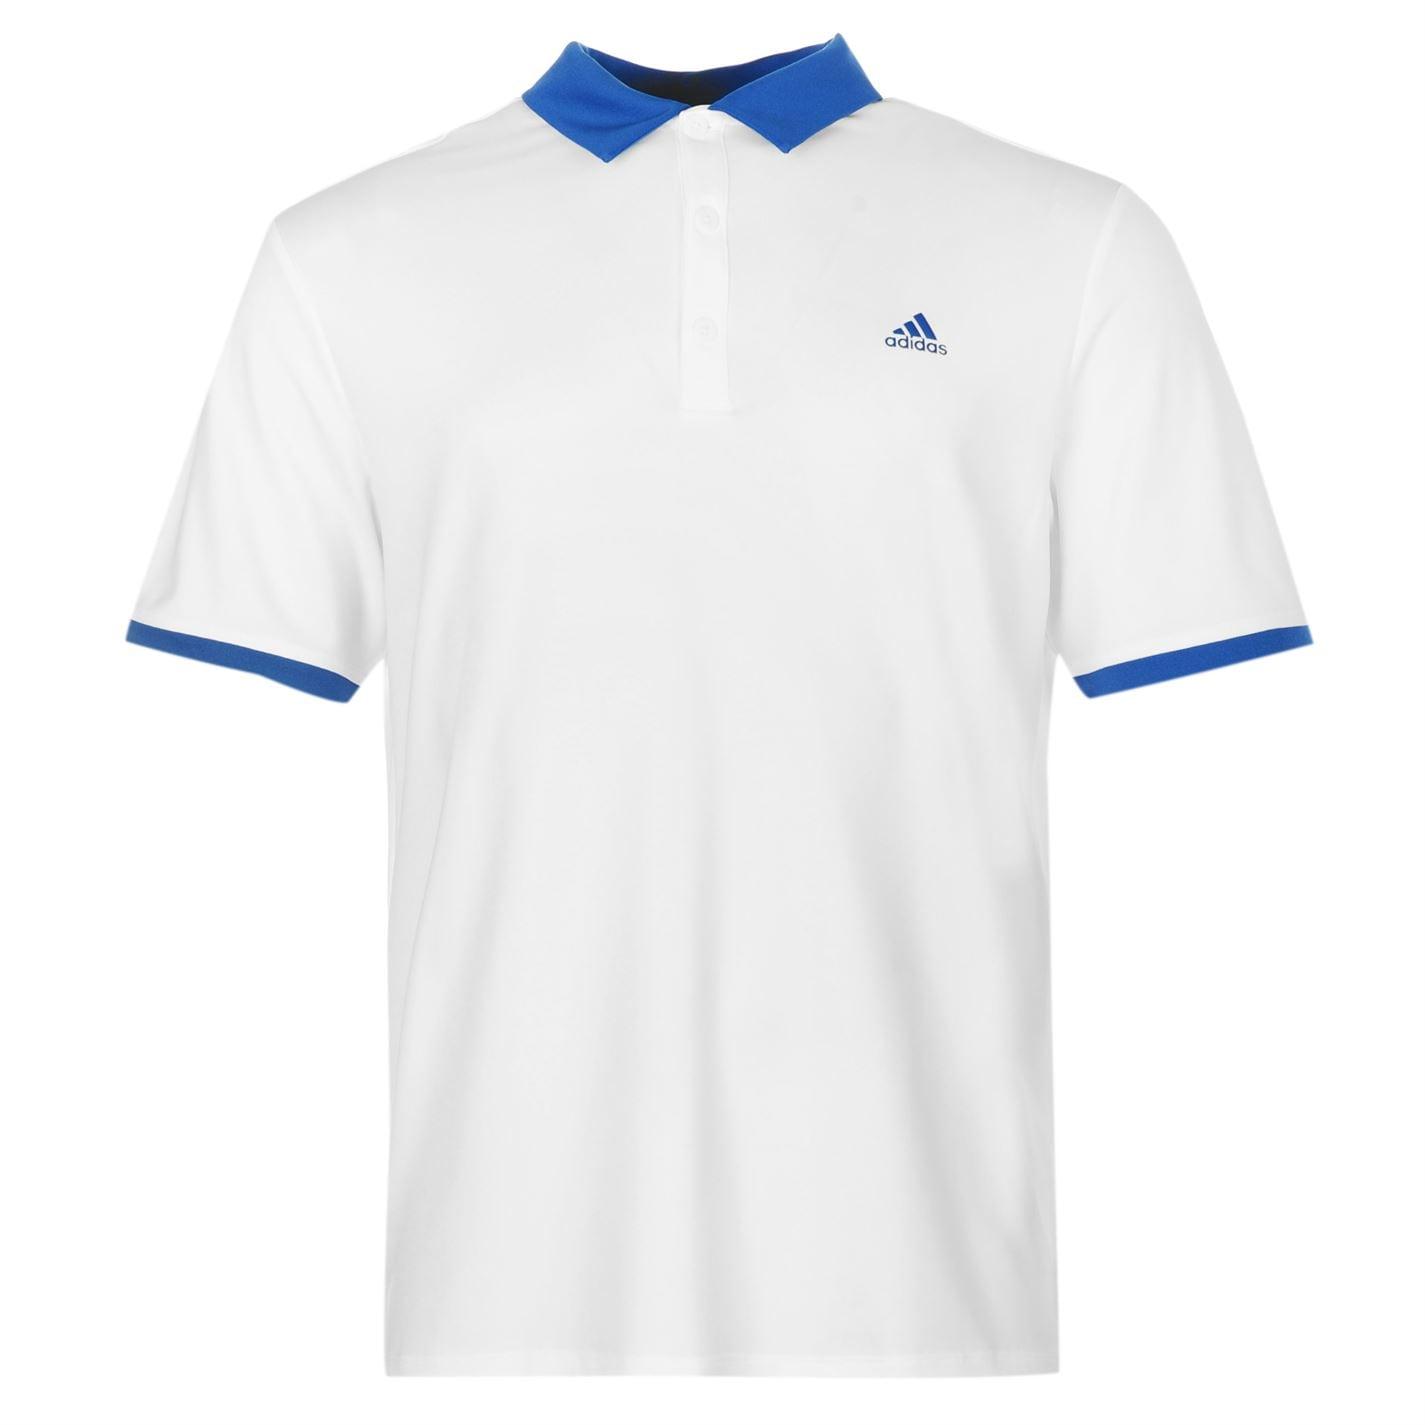 Adidas Pique Golf Polo Mens